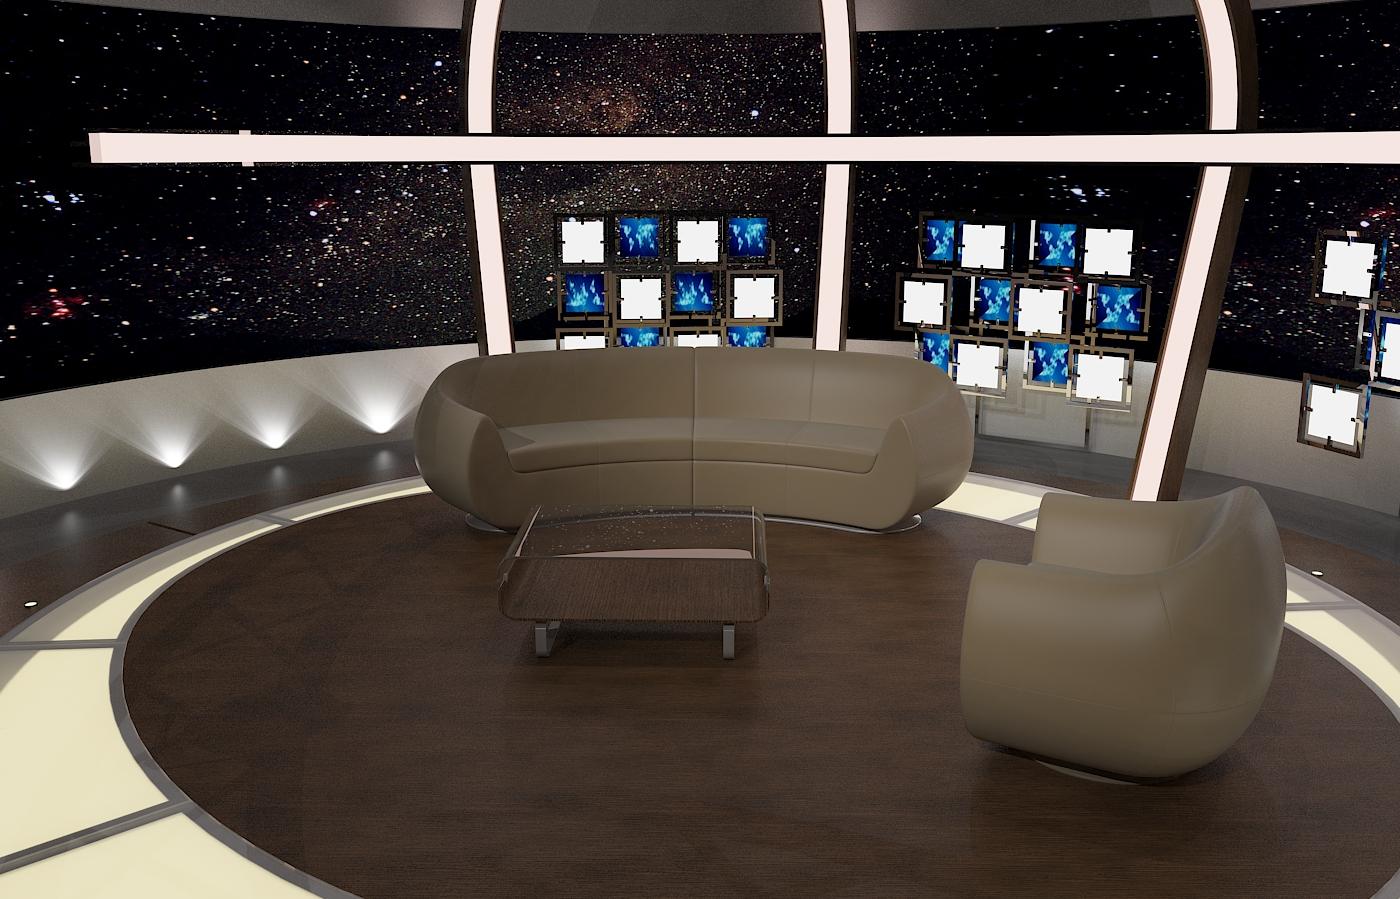 Виртуал ТВ чат 20 3d загвар max dxf fbx obj 207152-ийг тохируулж байна